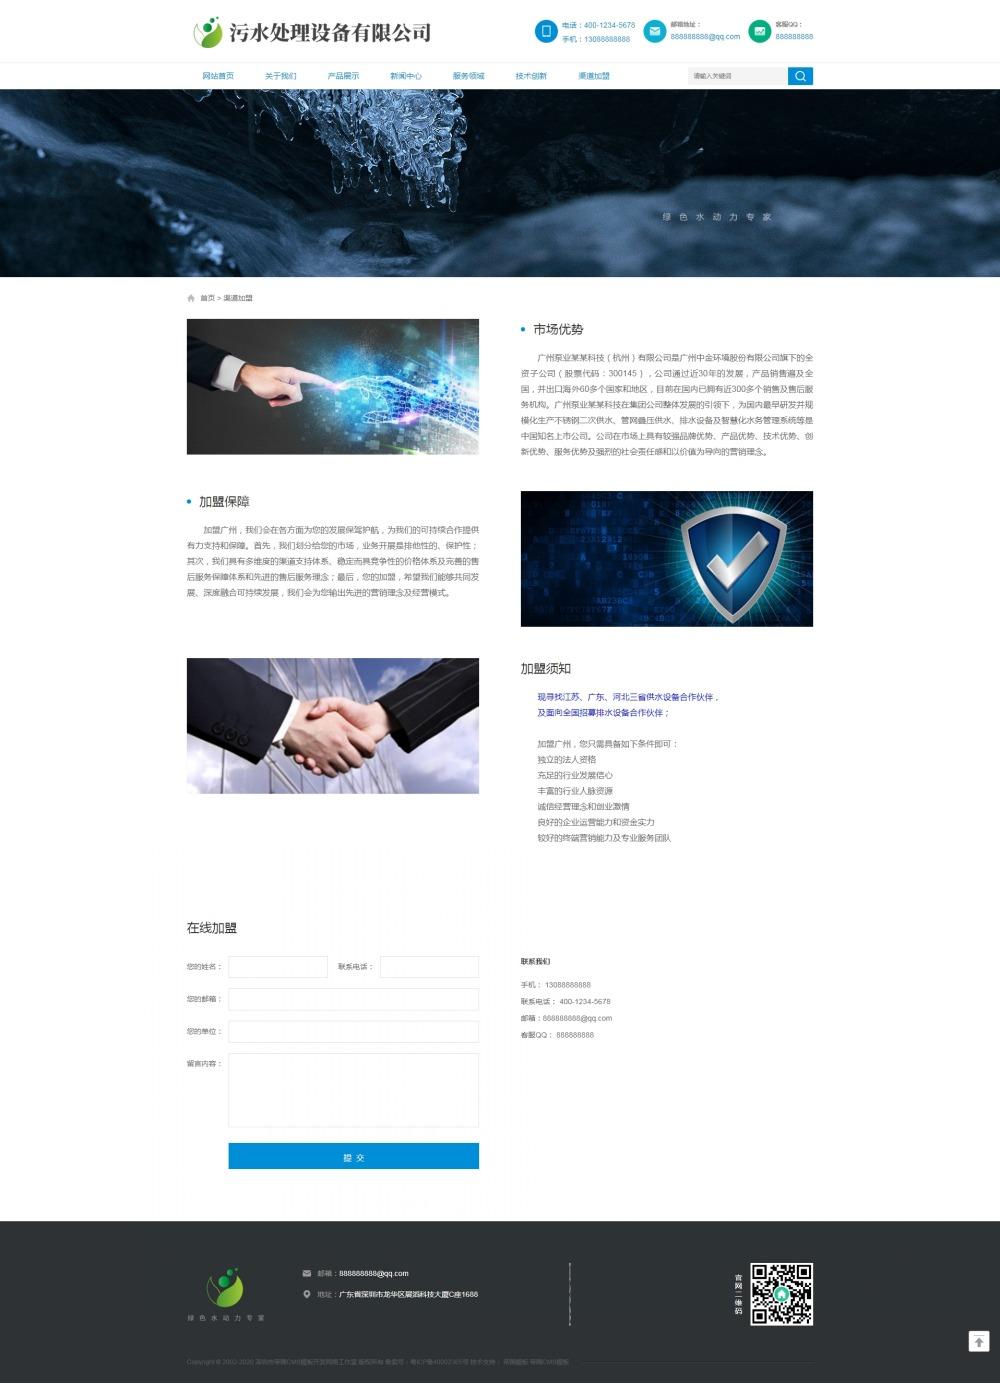 7渠道加盟.jpg [DG-0182]响应式环保污水处理设备类网站帝国cms模板 html5绿色环保设备帝国网站源码 企业模板 第7张